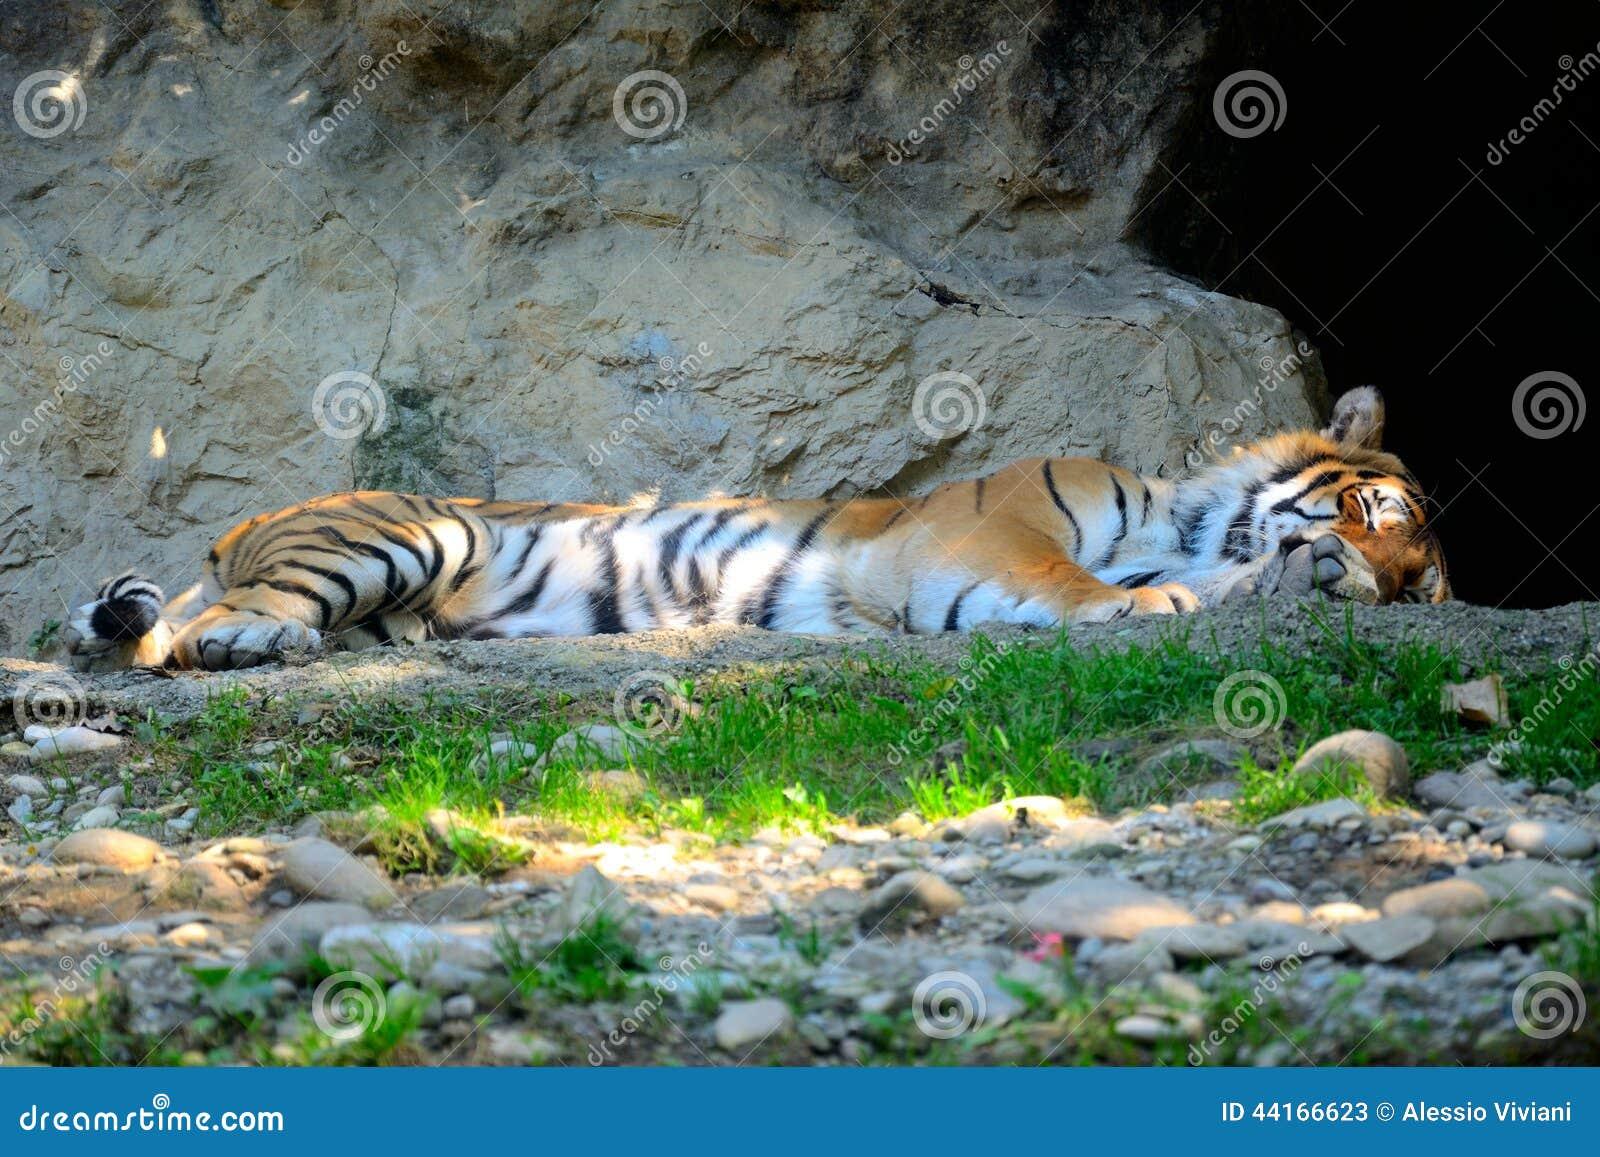 老虎睡觉 库存照片 - 图片